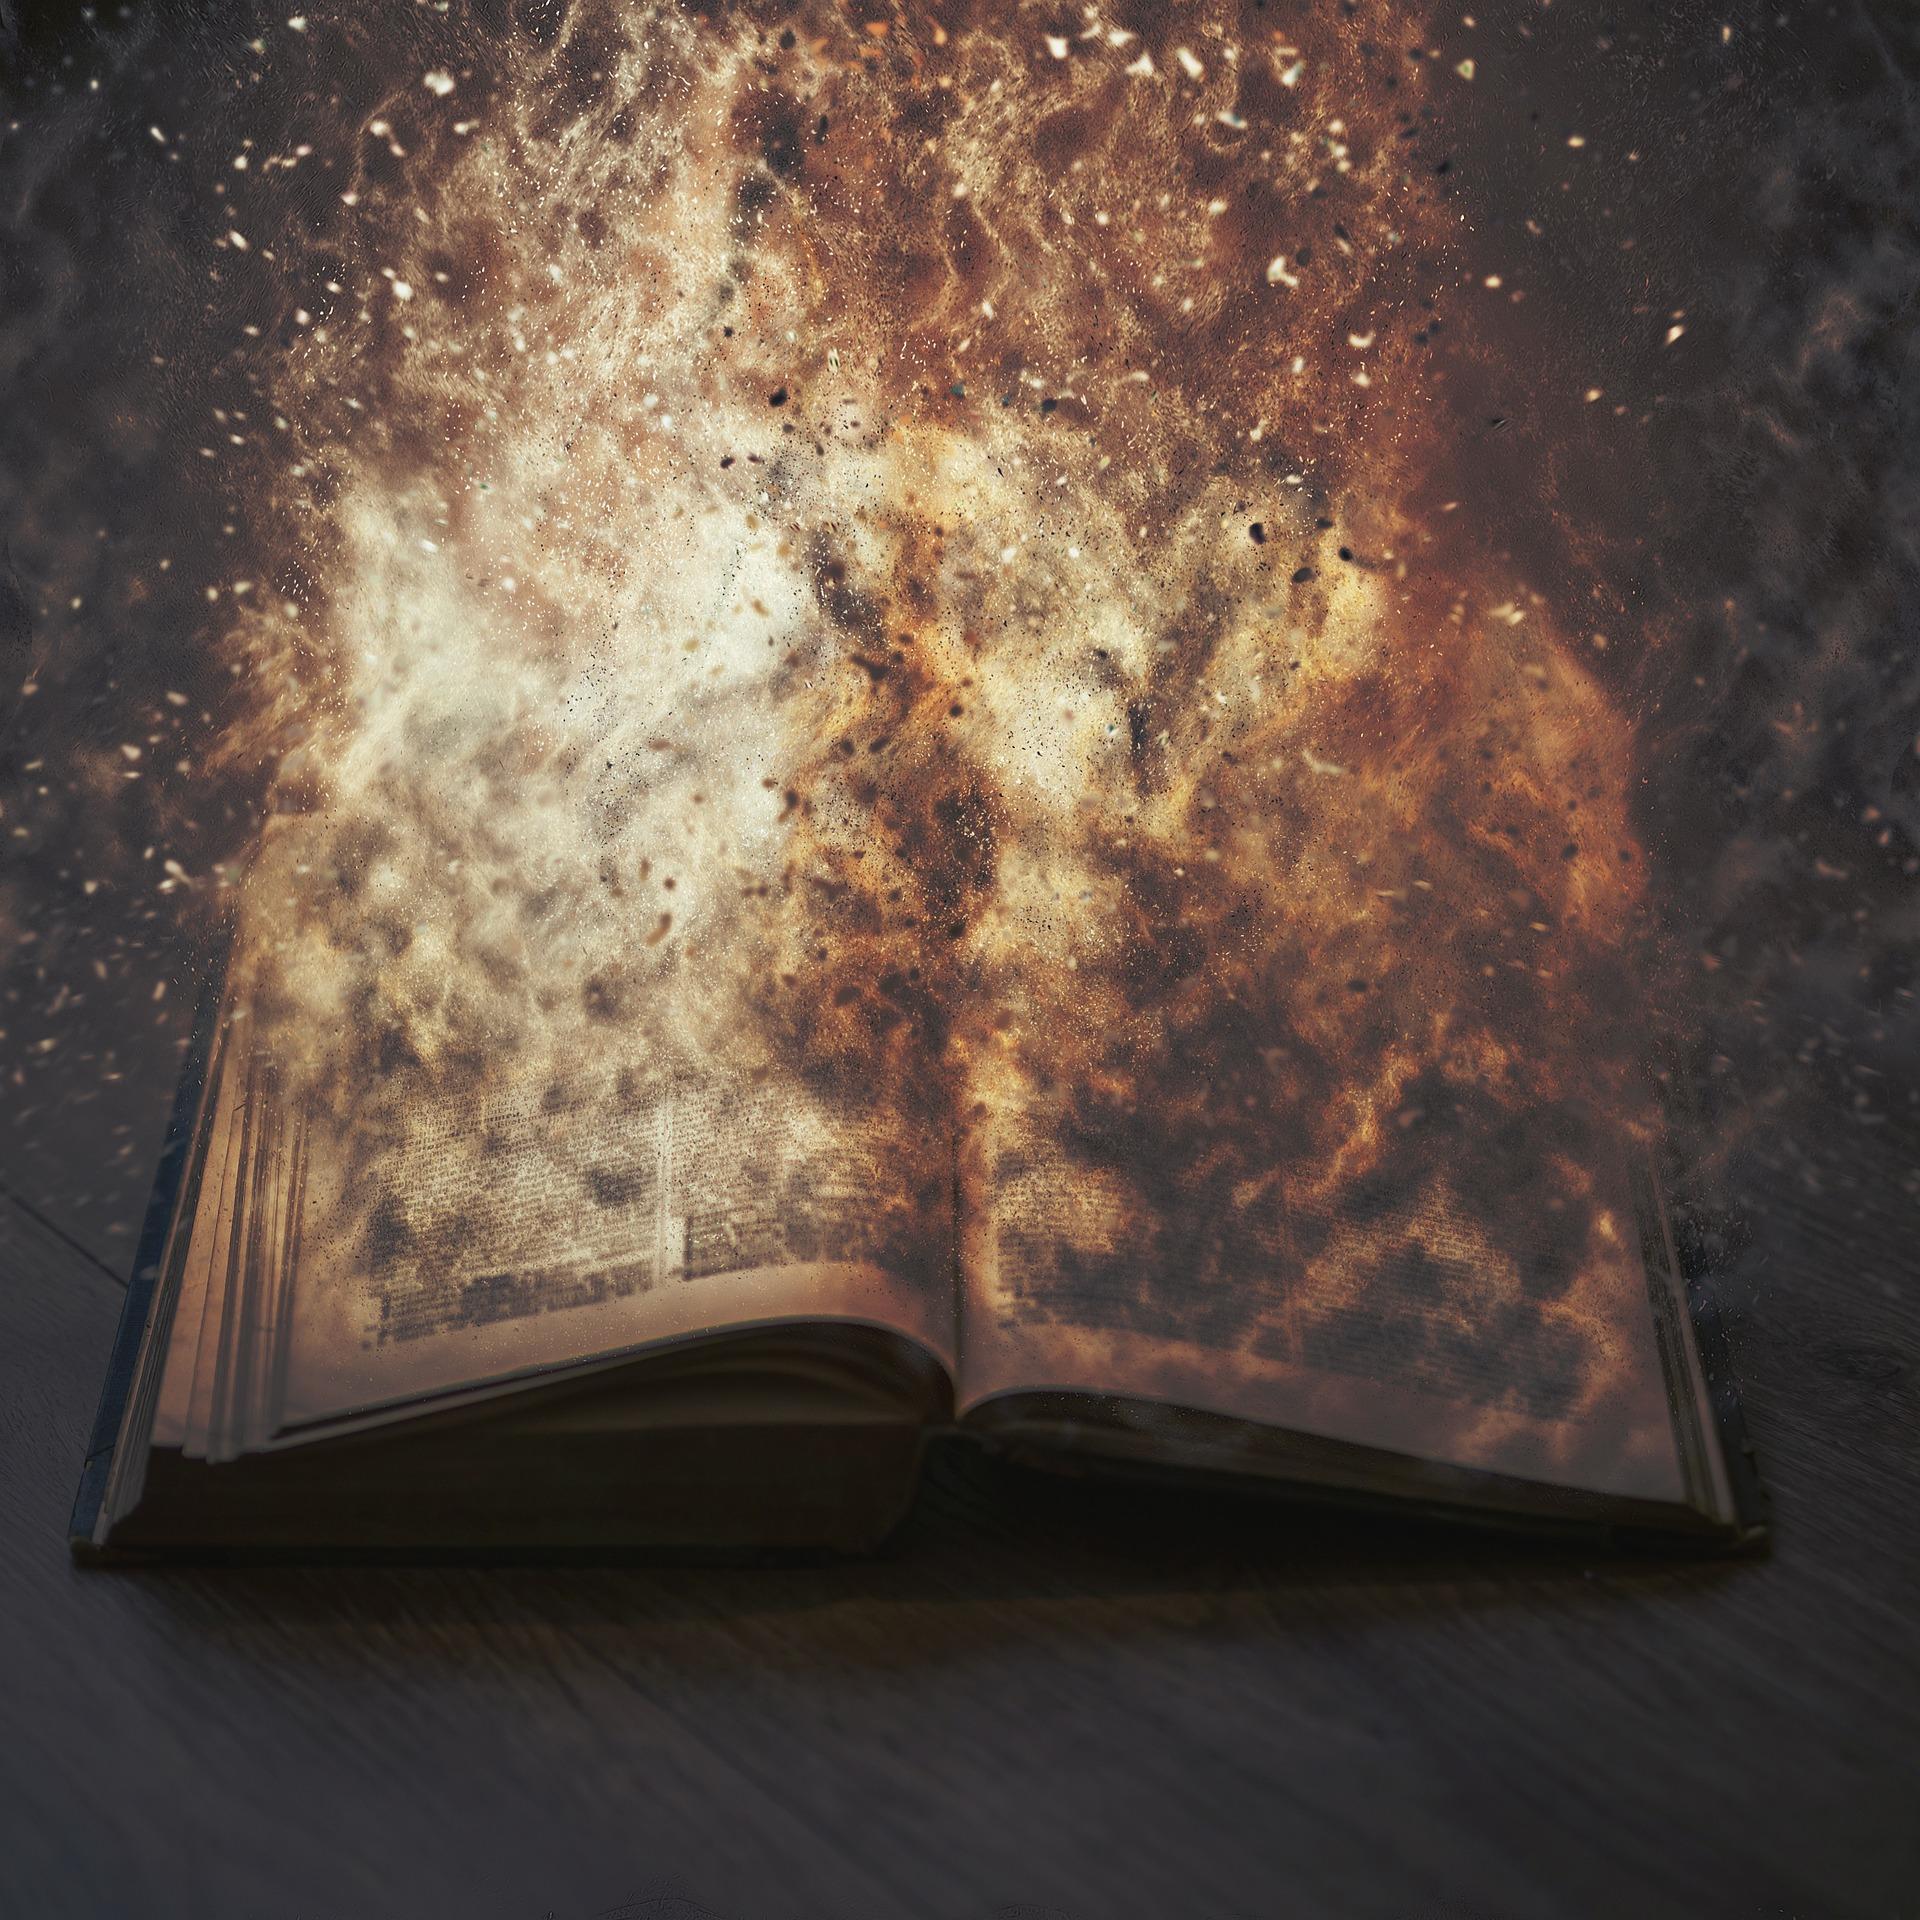 Burning book photo